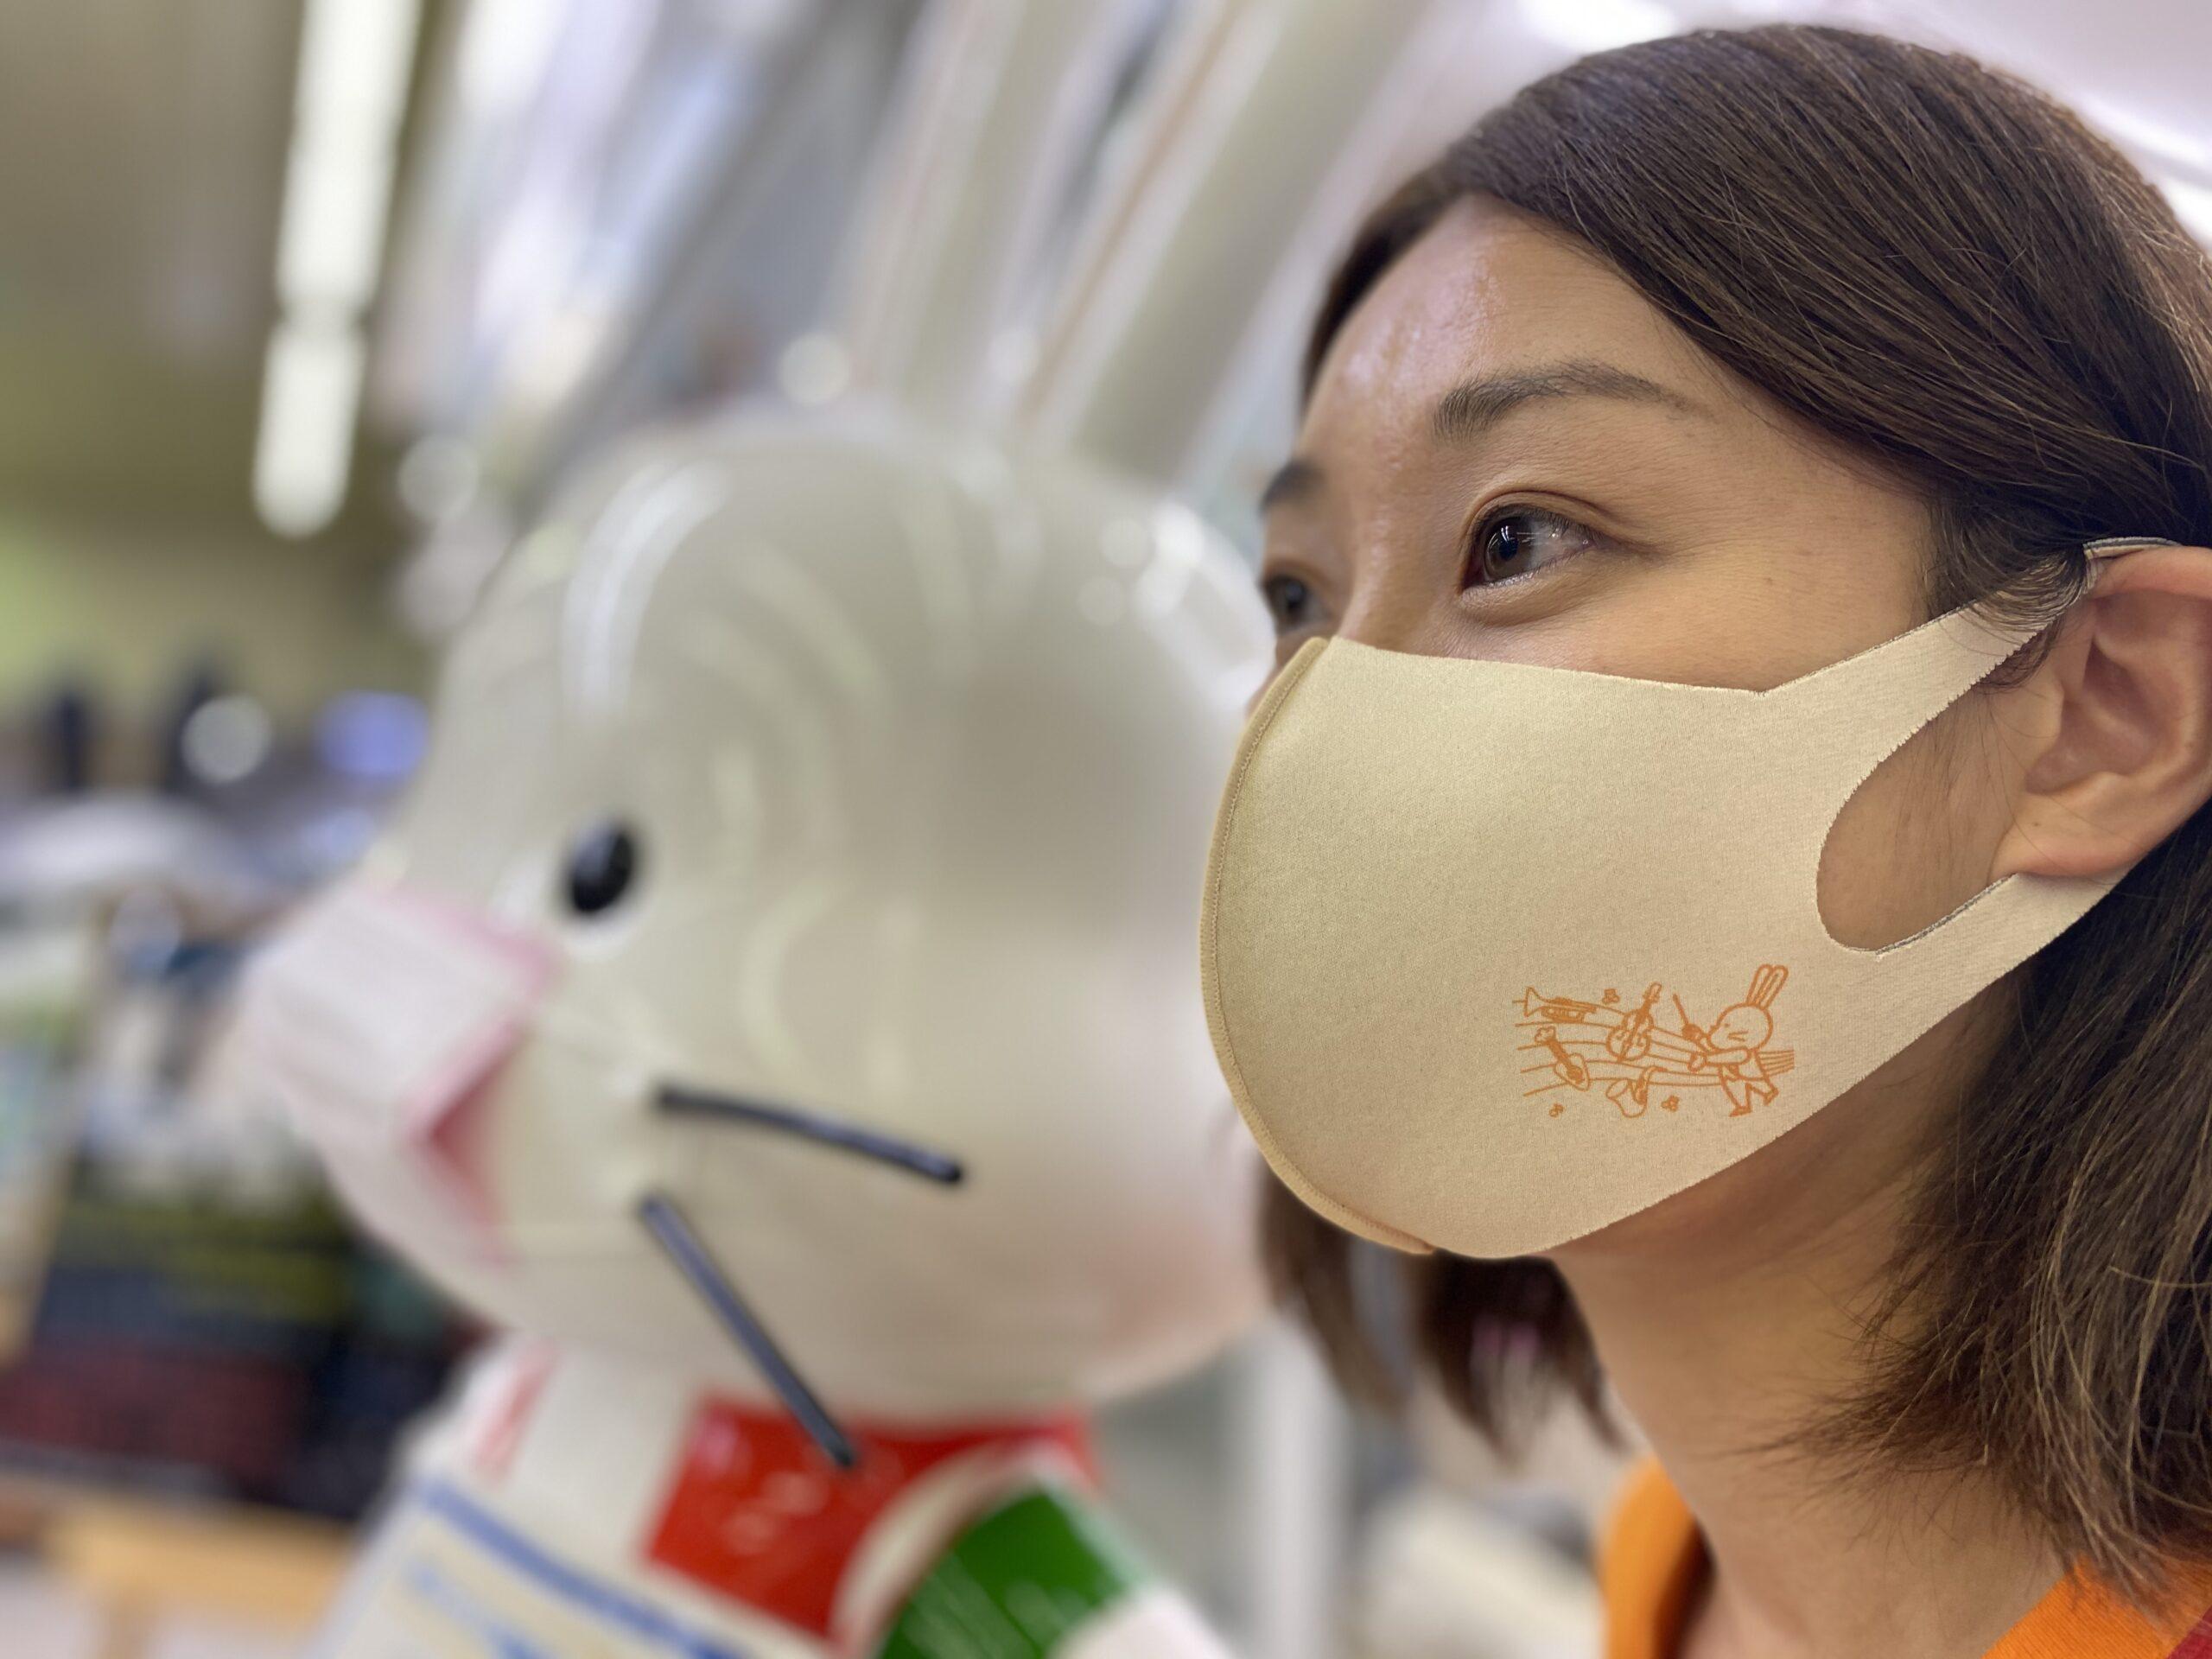 お客様の声から生まれた「ももりんマスク」9月25日福島市観光案内所で販売開始!